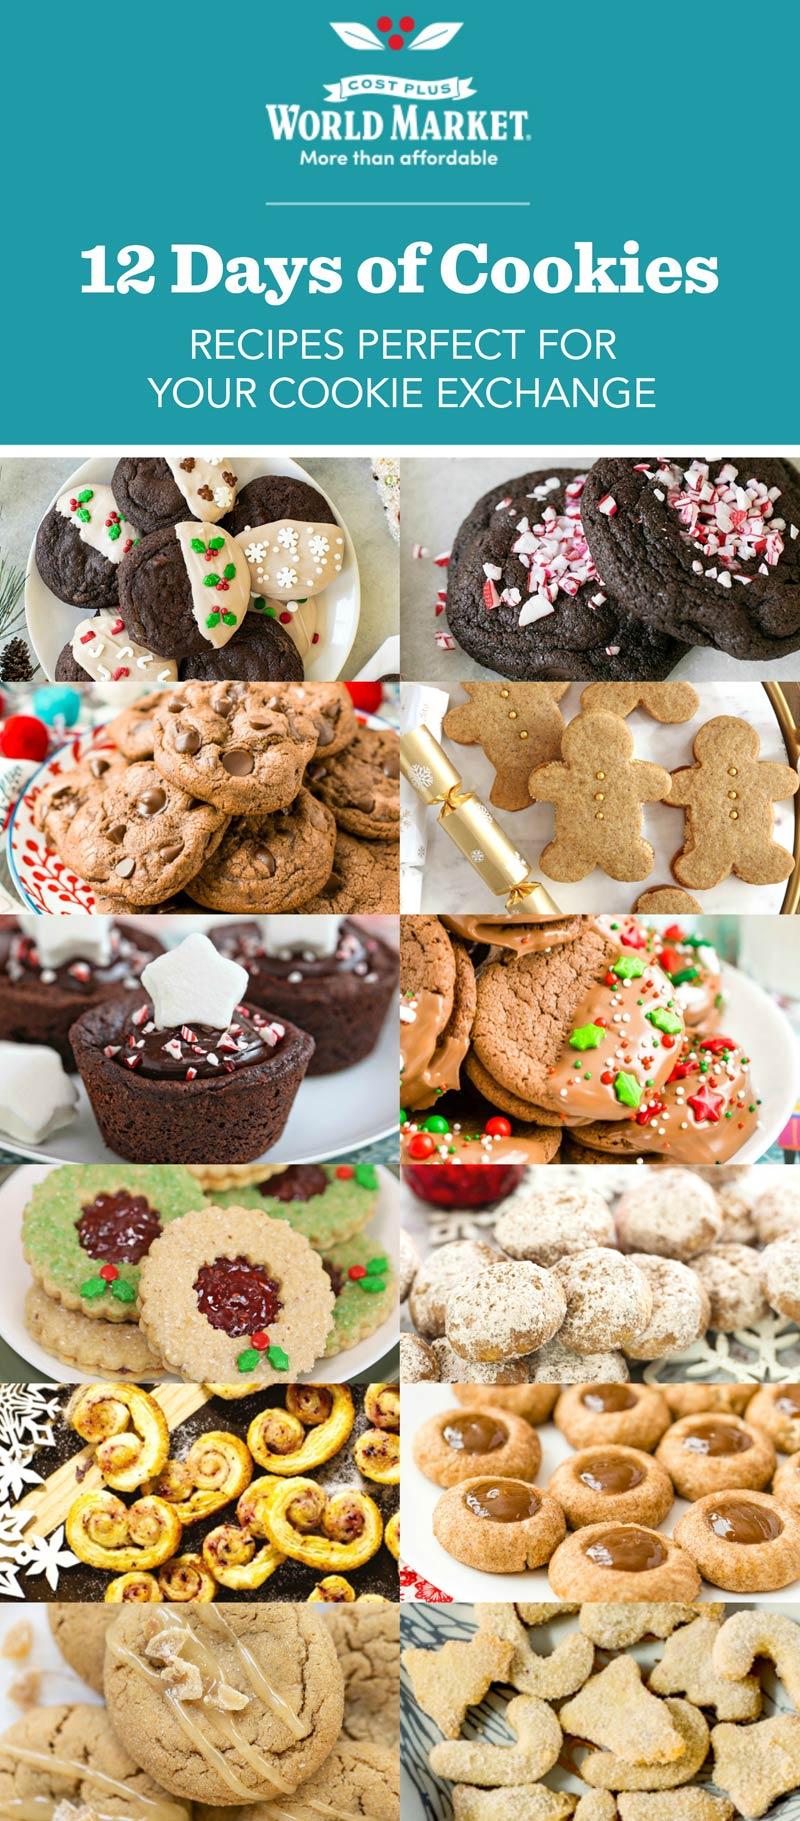 Costo más mercado mundial 12 días de cookies